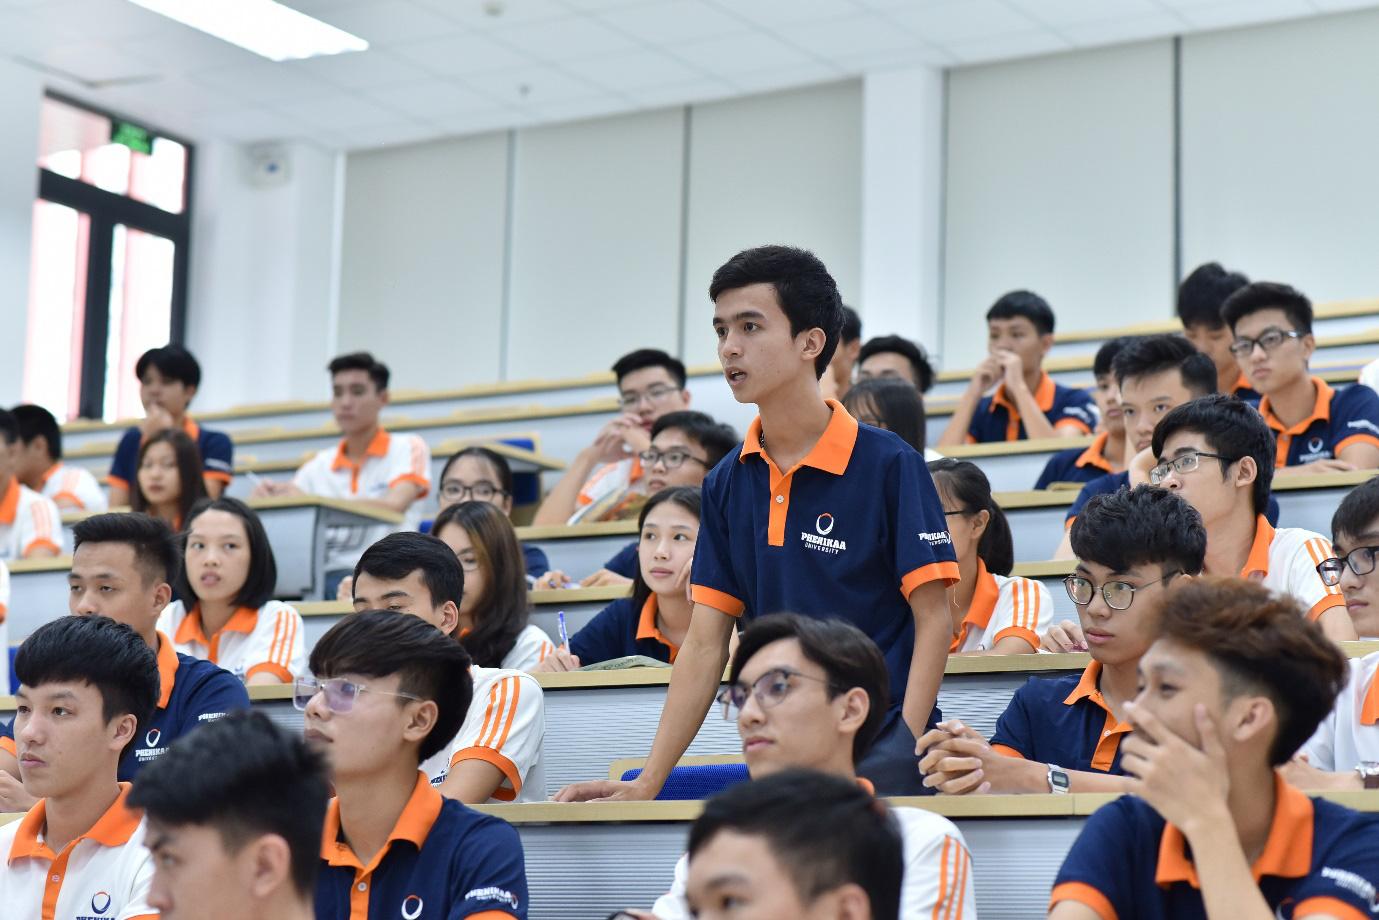 Trường Đại học Phenikaa: Lựa chọn mới của nhiều thí sinh tài năng - Ảnh 3.